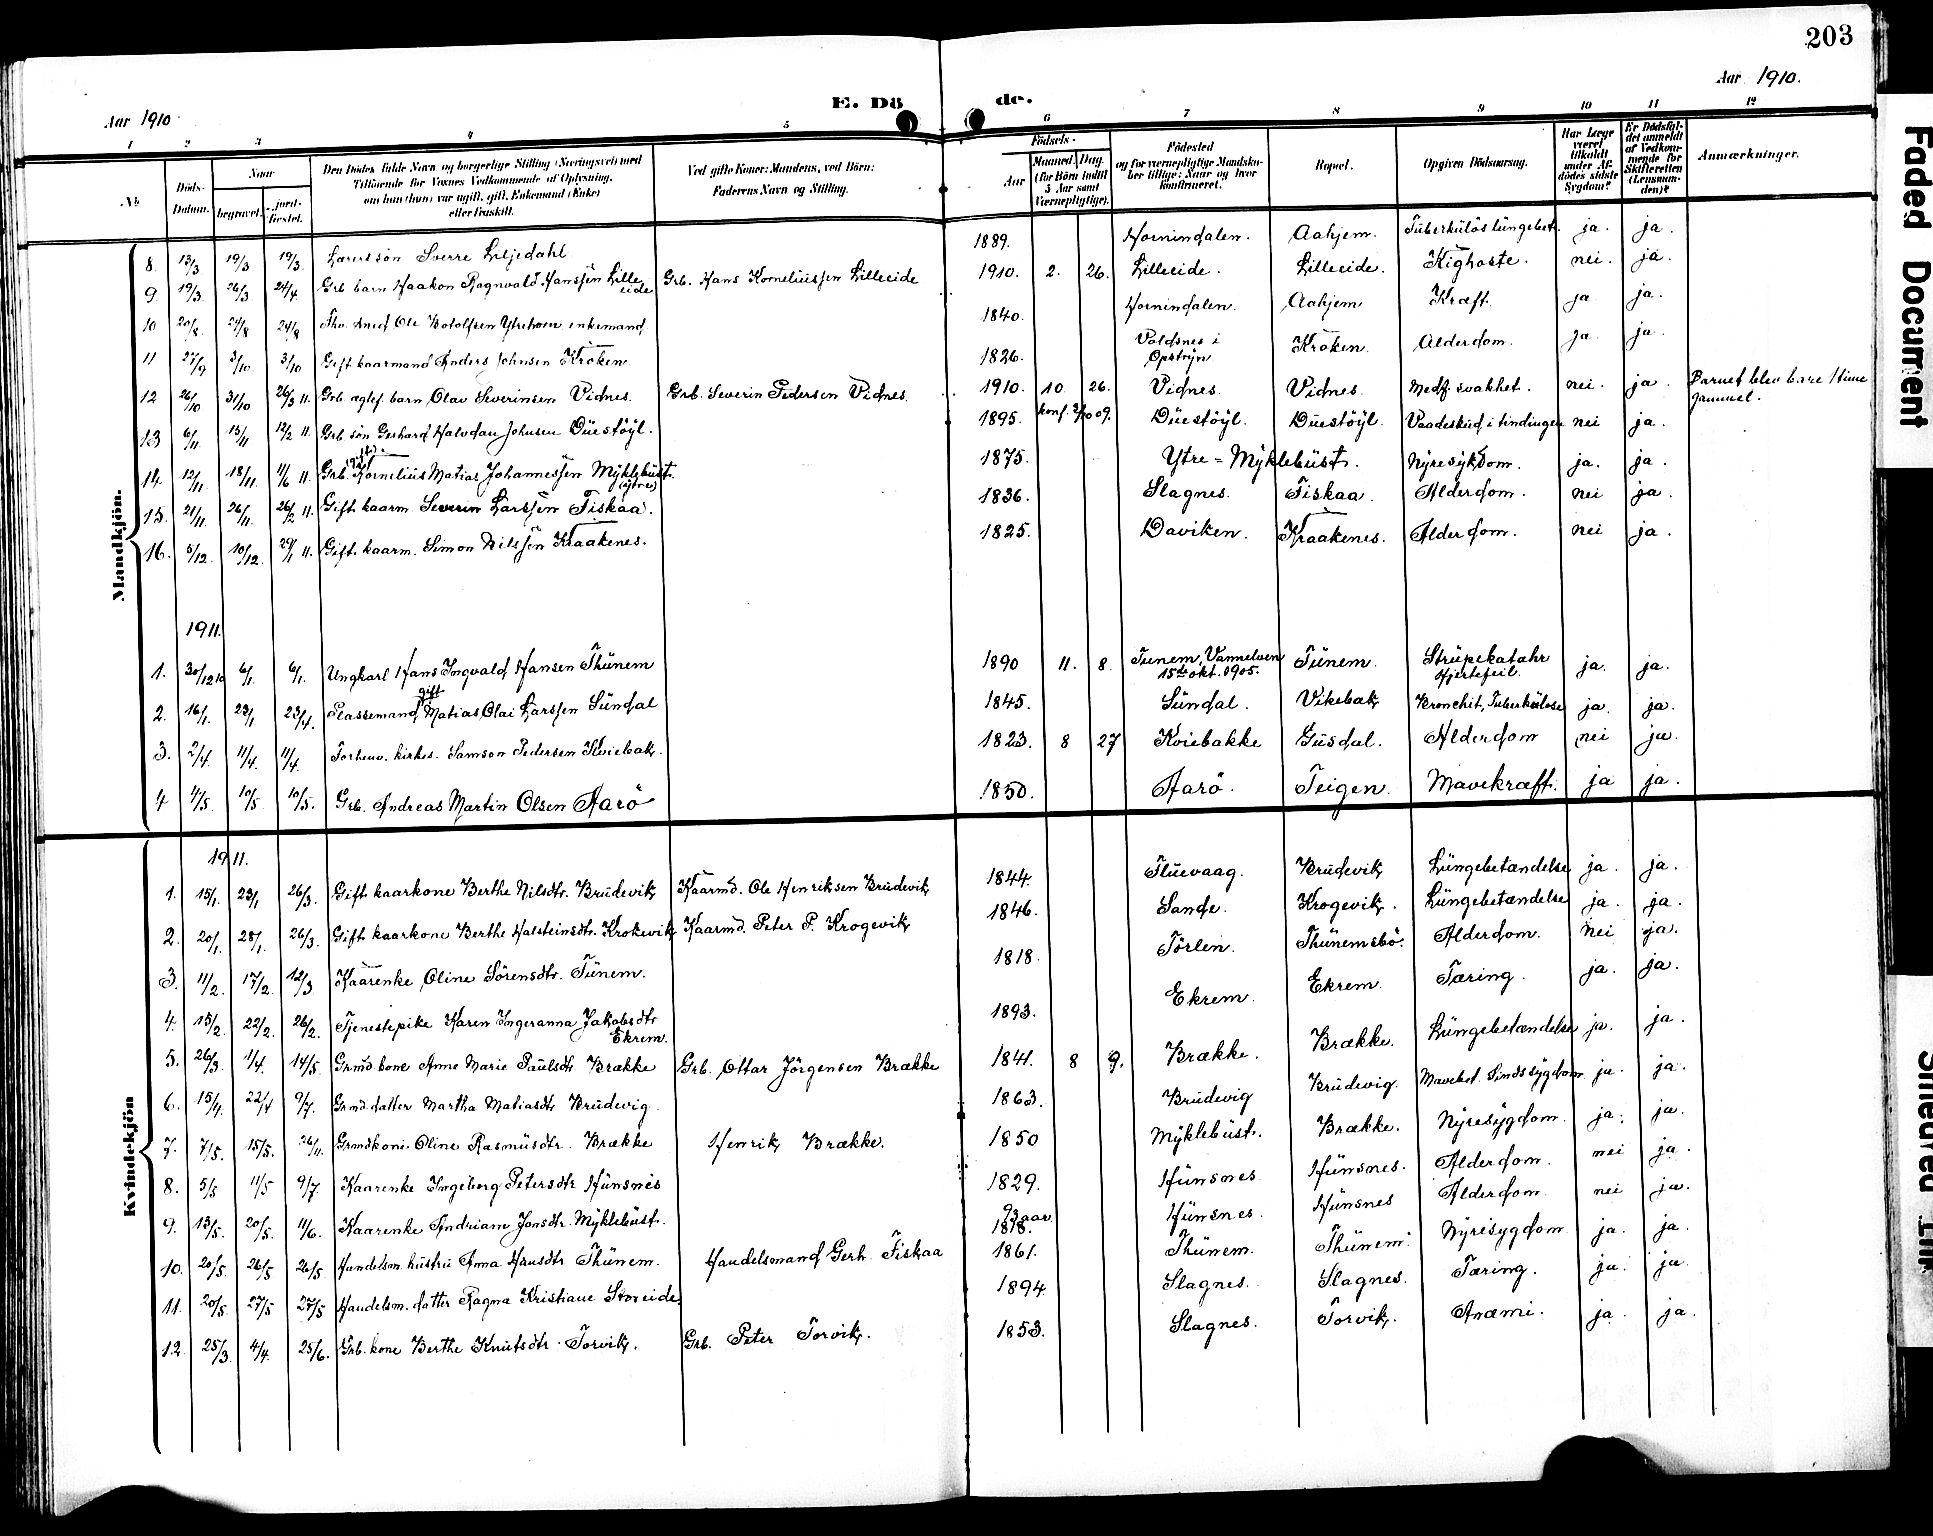 SAT, Ministerialprotokoller, klokkerbøker og fødselsregistre - Møre og Romsdal, 501/L0018: Klokkerbok nr. 501C04, 1902-1930, s. 203